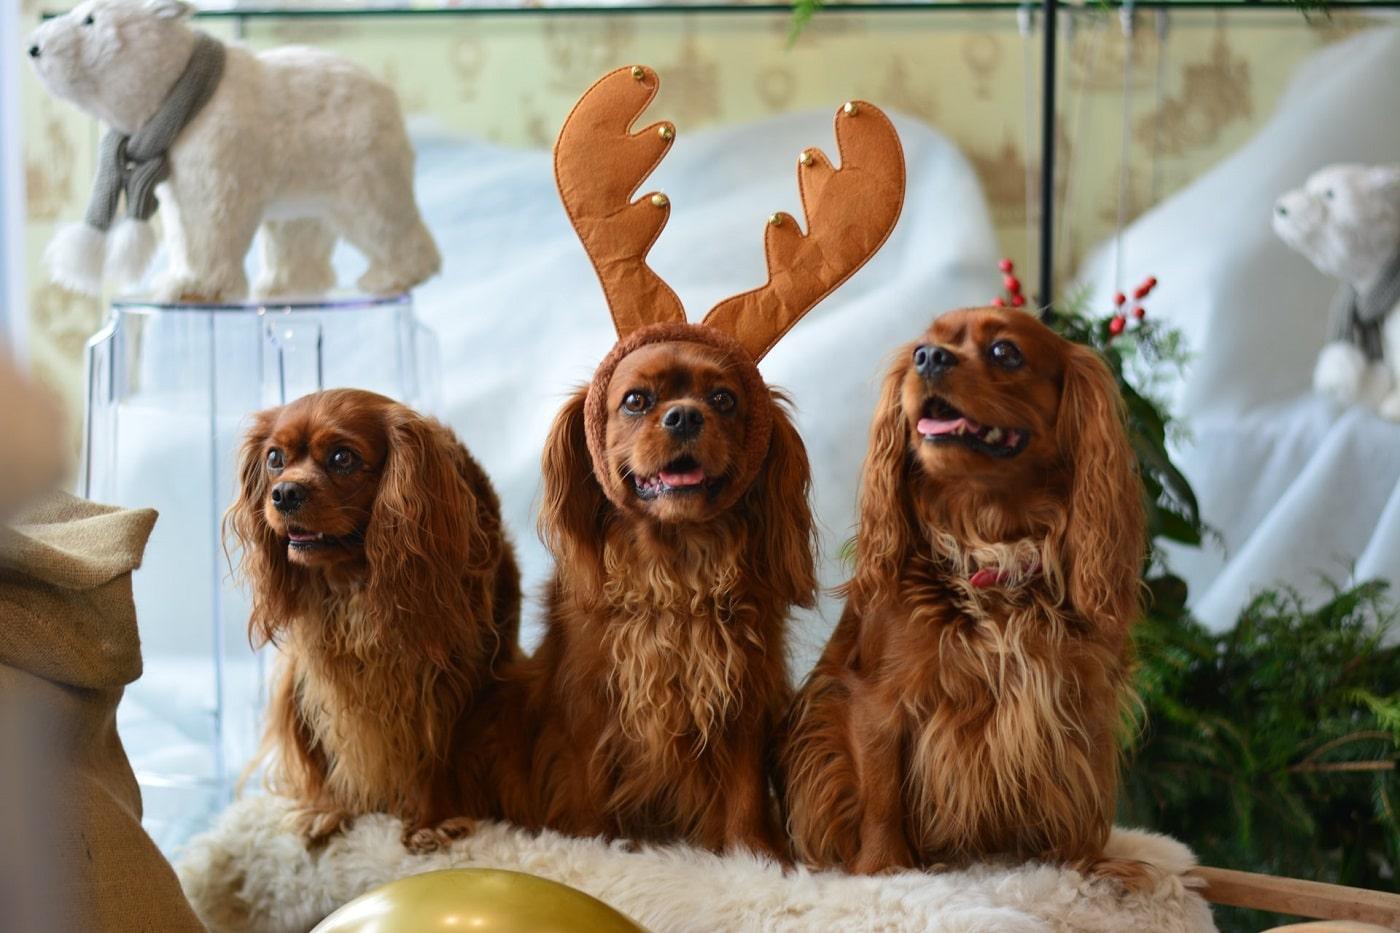 cavalier king charles spaniel, trzy psy pozują do zdjęcia, brązowe psy